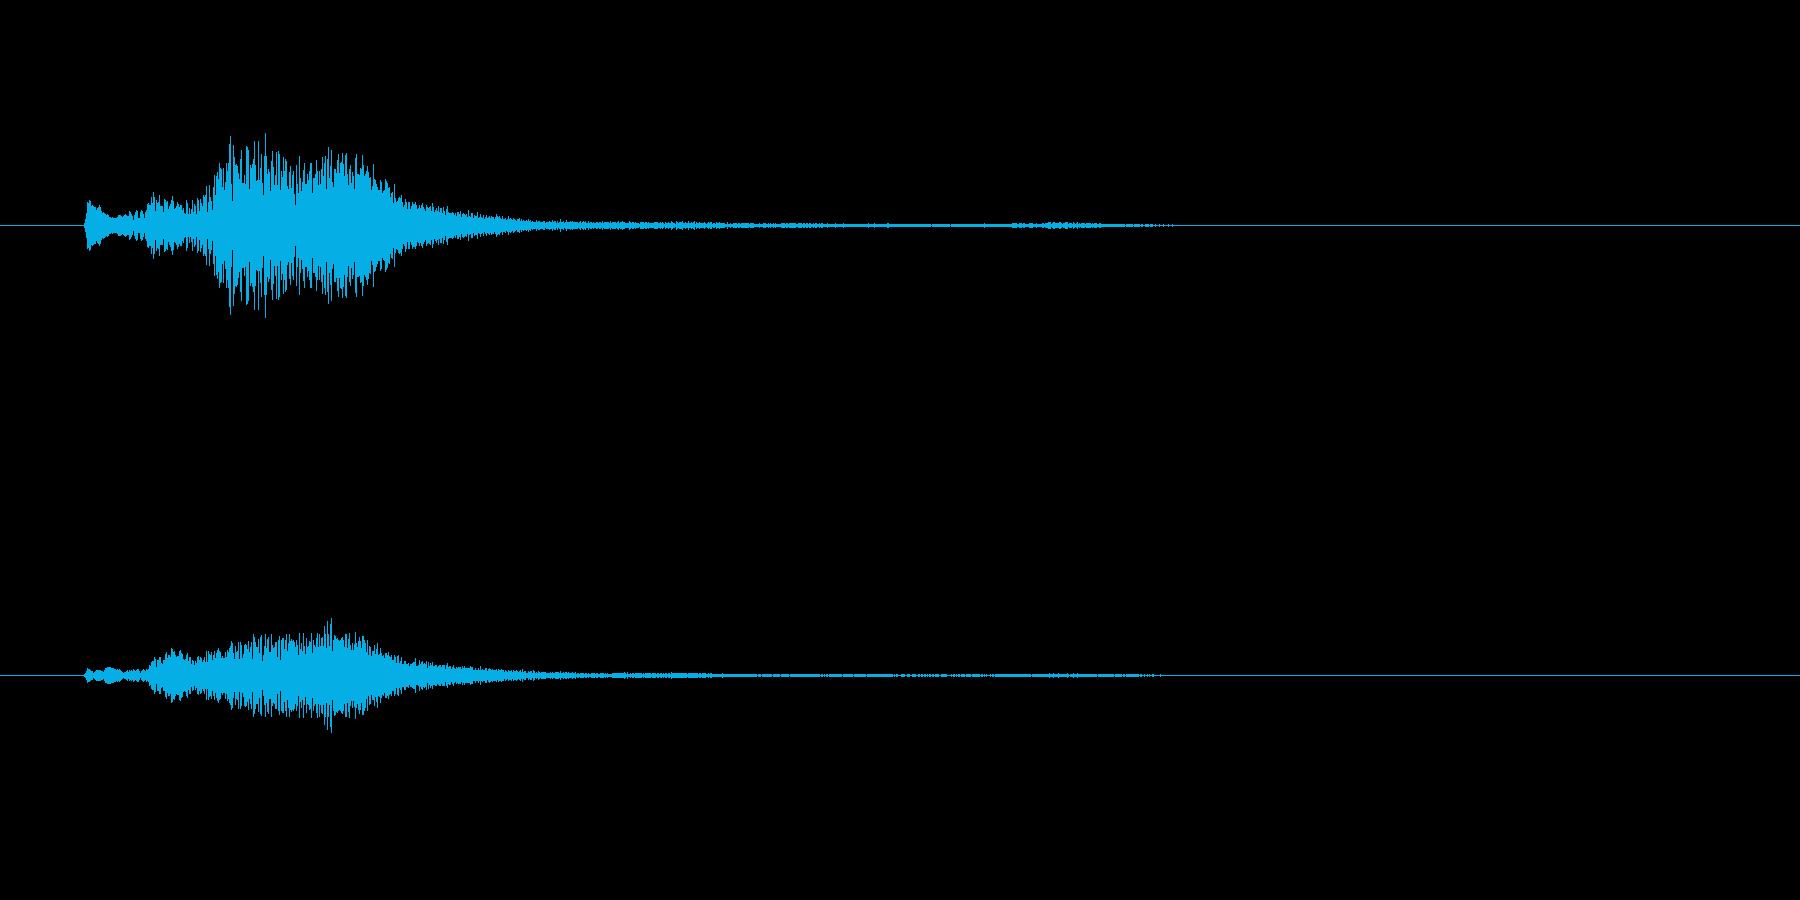 グランドハープのグリッサンド inAの再生済みの波形